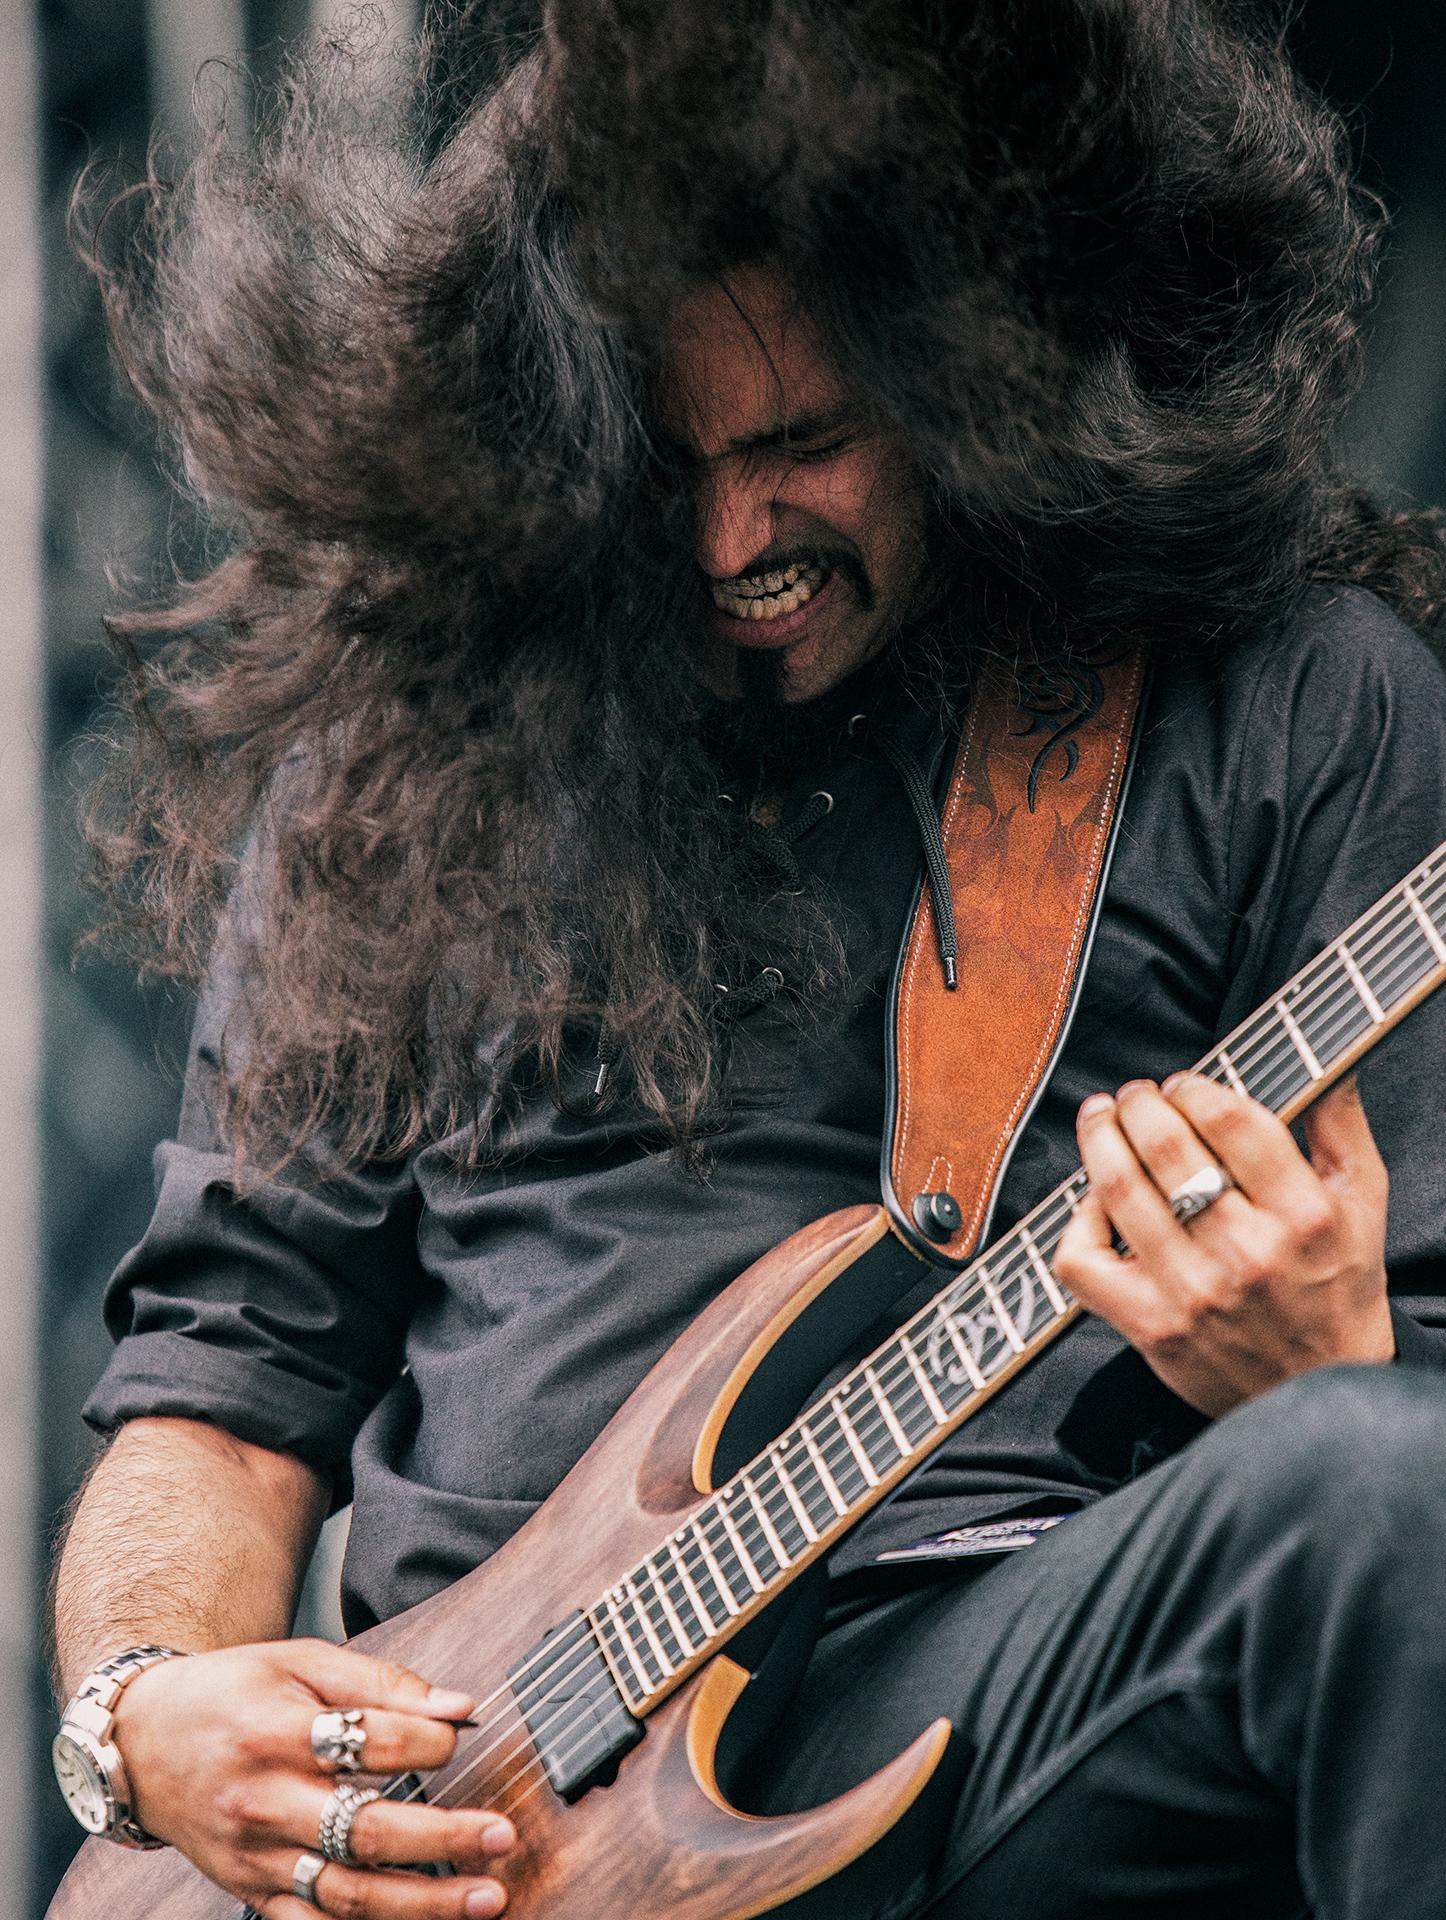 Asim Searah, guitarist, vocalist, Wintersun band, Tuska metal festival